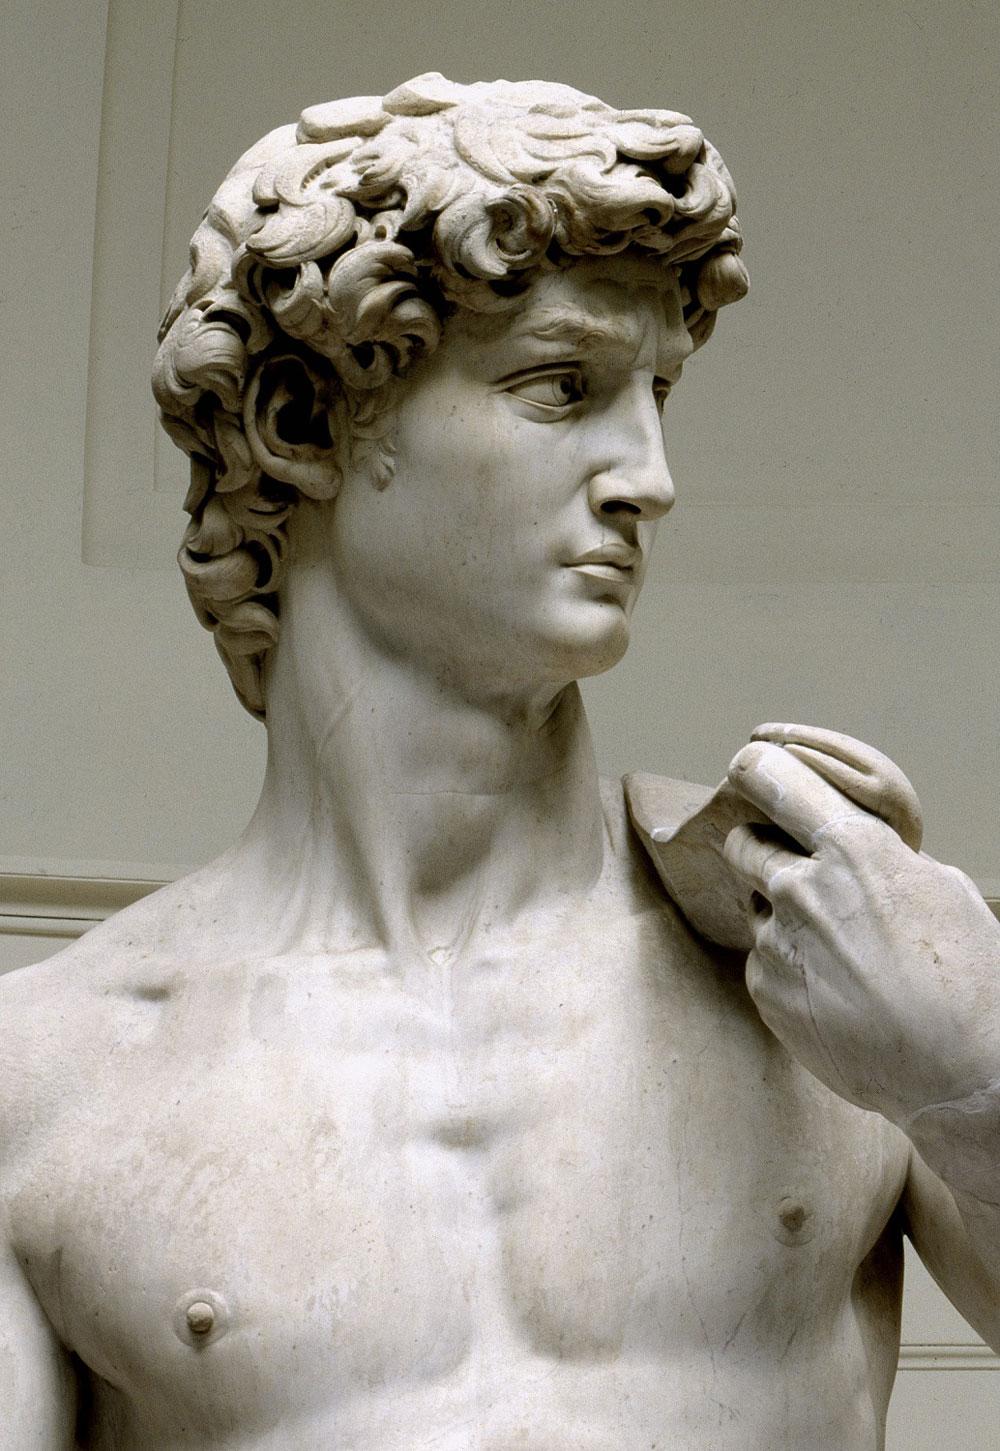 Giornate del Patrimonio: visite guidate gratuite e apertura straordinaria serale agli Uffizi e alla Galleria dell'Accademia